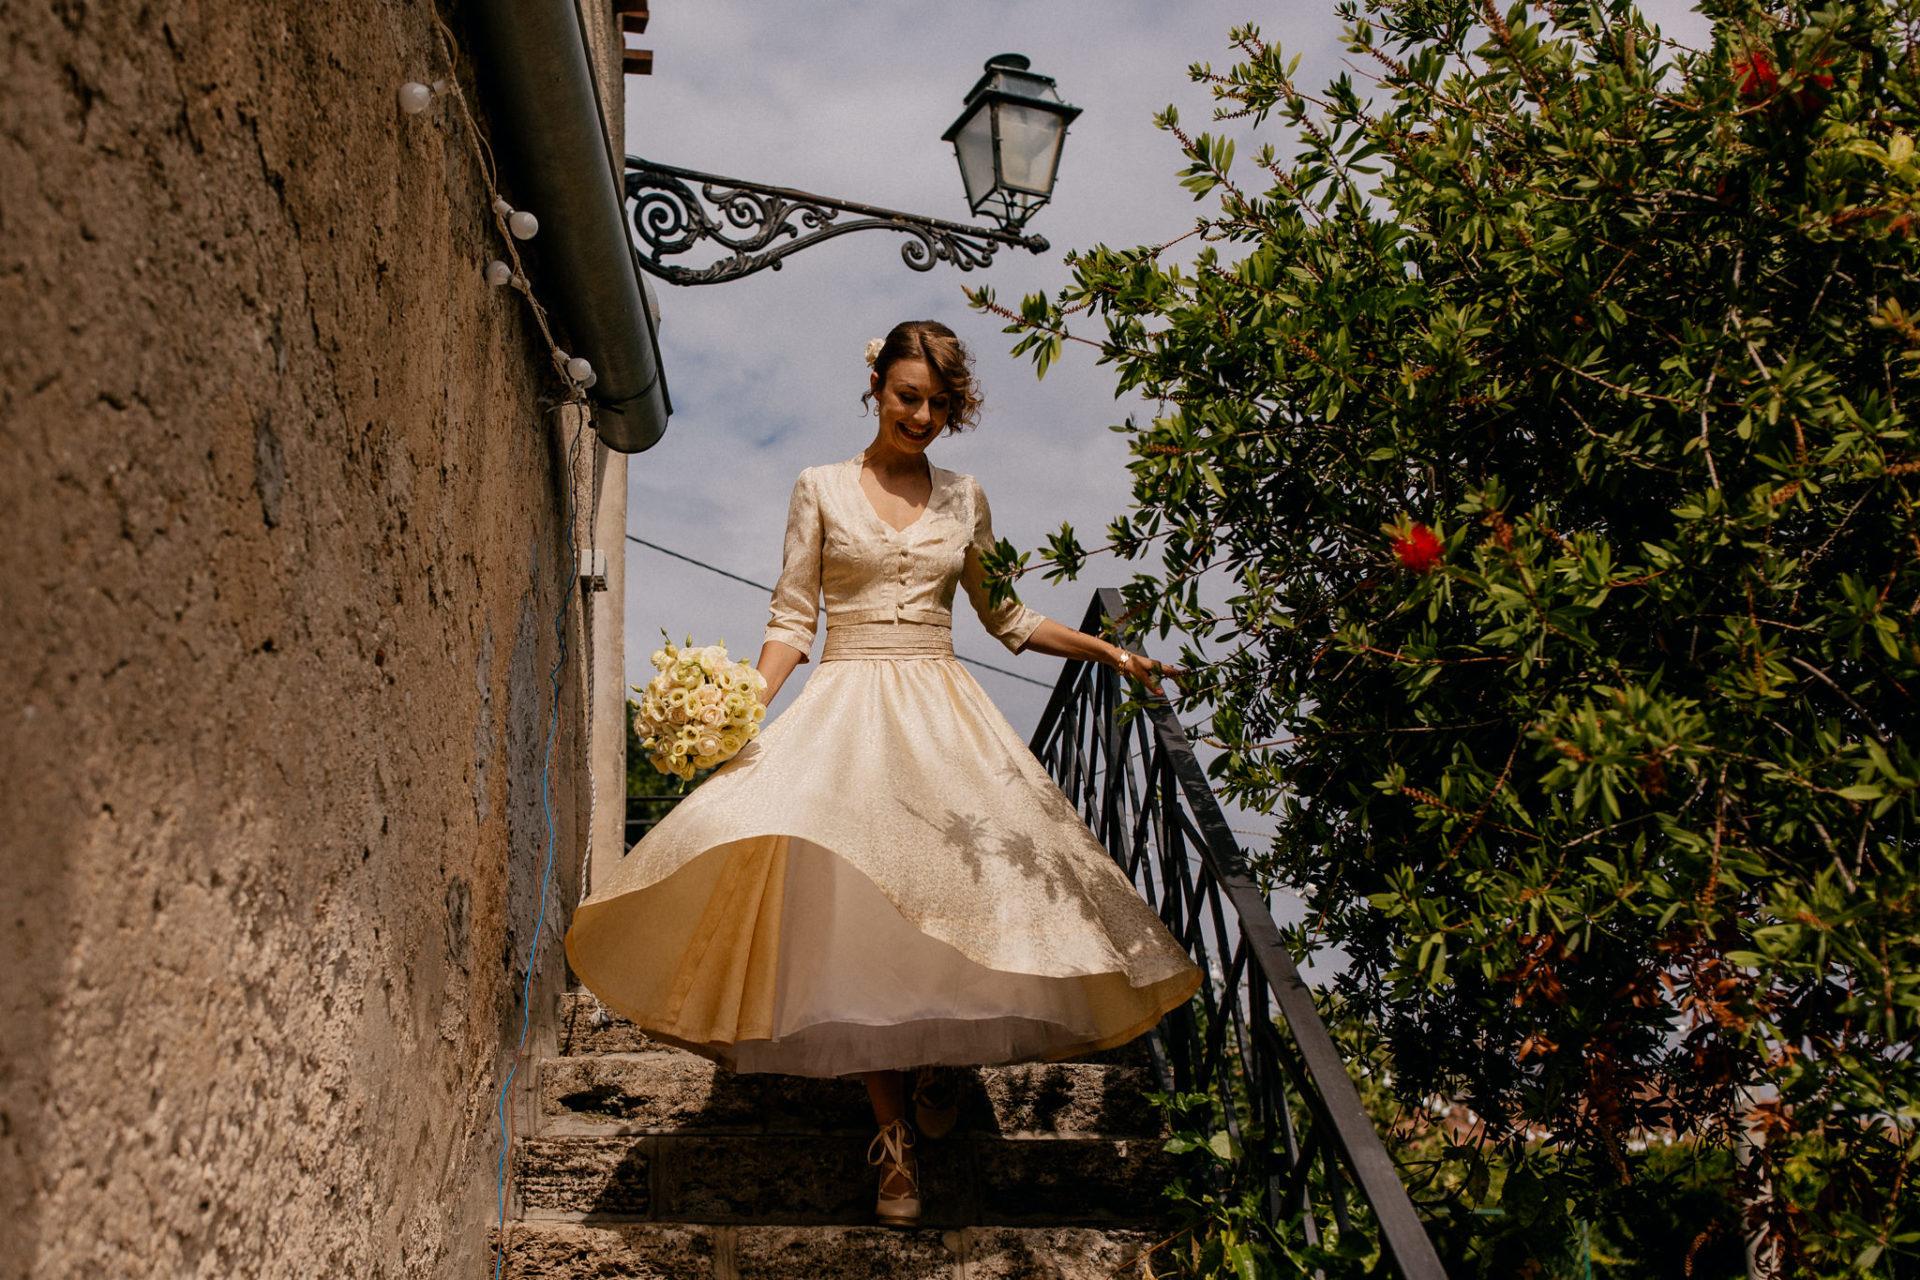 Hochzeitsfotograf Amalfi Küste-heiraten Italien-Paestum Hochzeit-50er Jahre Brautkleid